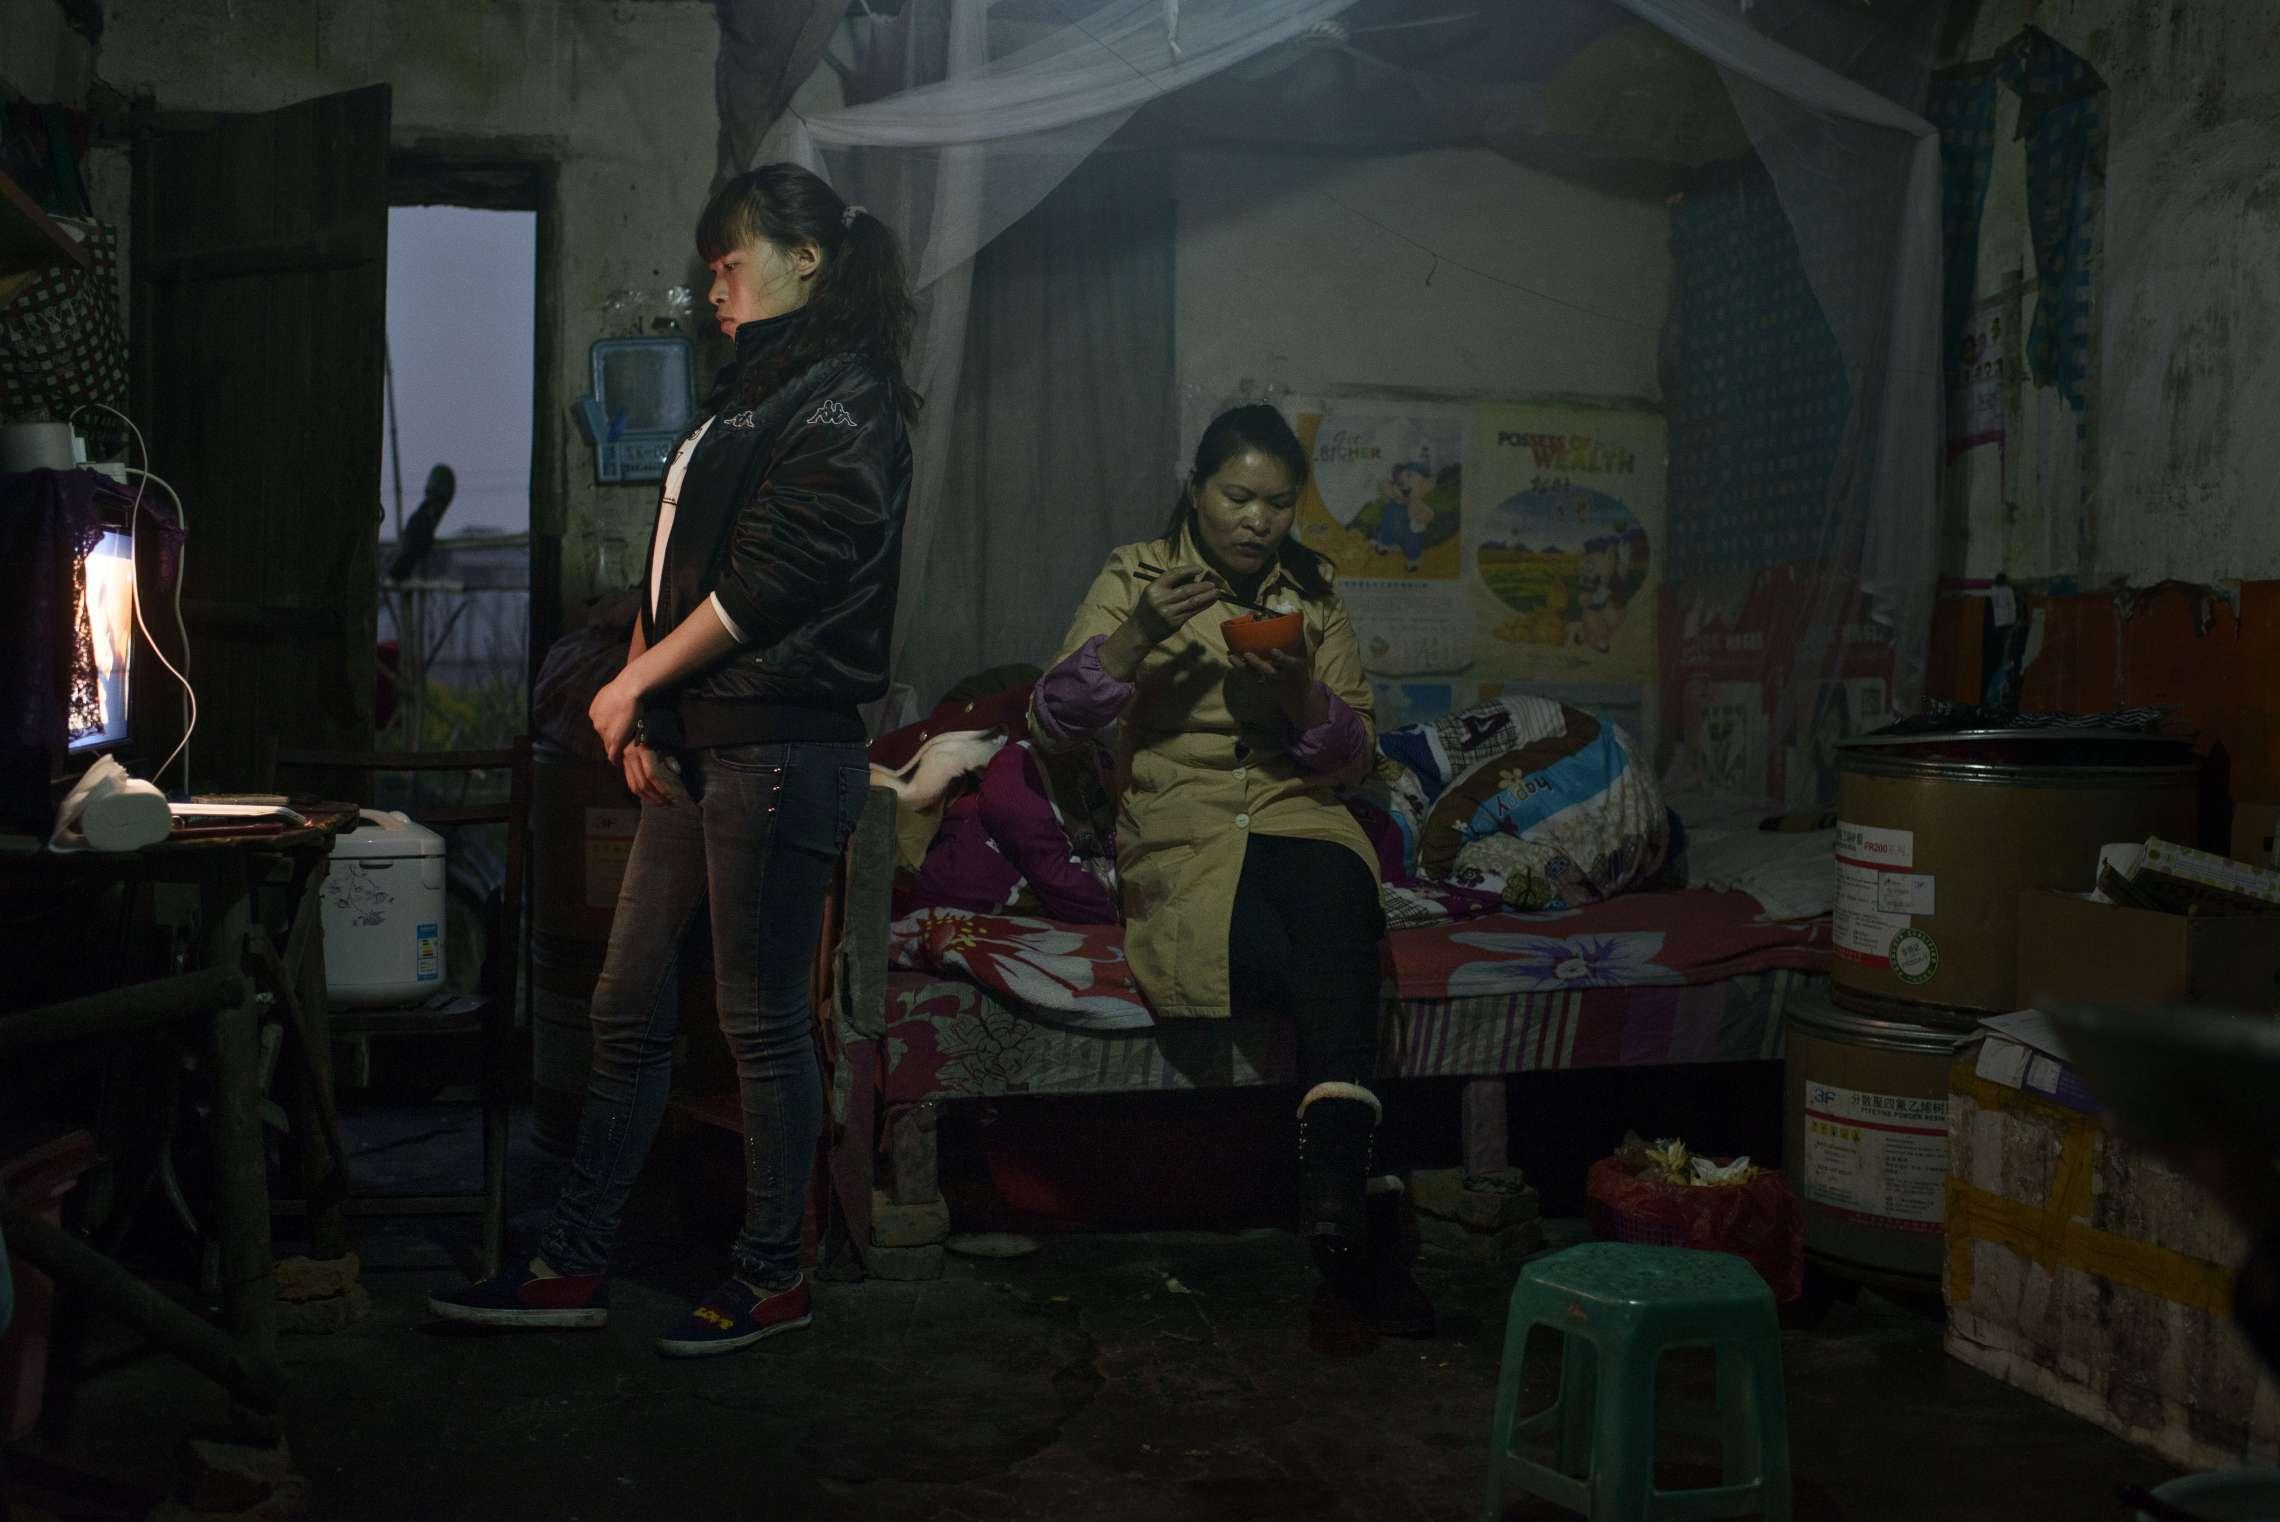 PK-nr: 10968Kategori: 8, dokumentar utland Dato: 23.02.2015Tittel: Hun reiser i morgenHovedtekst: Siden 1978 har Kina opplevd den største folkevandringen i verdenshistorien. Nærmere 160 millioner kinesere har reist fra lutfattige landsbyer for å finne arbeid i byene. I fjellandsbyen Hangsha i Hunan provinsen, står Rong Shi Yu (14) på klippen sammen med barndomsvenninnene sine, hånd i hånd på høye hæler, mens de blåser rosa bobler. De synger om gutter de ennå ikke vet hvem er, som skal gjøre dem lykkelige, og kanskje velstående. De synger om å høre til her i Lu Dong-fjellene, men i morgen pakker de trillekoffertene, reiser fra alt de kjenner, mot kysten og storbyene. Der venter Kinas mest effektive fabrikker med ti kroner i timen, ti timer hver dag. Men der venter også mulighetene for økonomisk uavhengighet. Bildetekst: Boforholdene i Cixi er enkle. Rong, søsteren og moren har et lite rom der de spiser og deler seng. Prognoser anslår at ytterligere hundre millioner kinesere har reist fra landsbyene sine innen 2020.